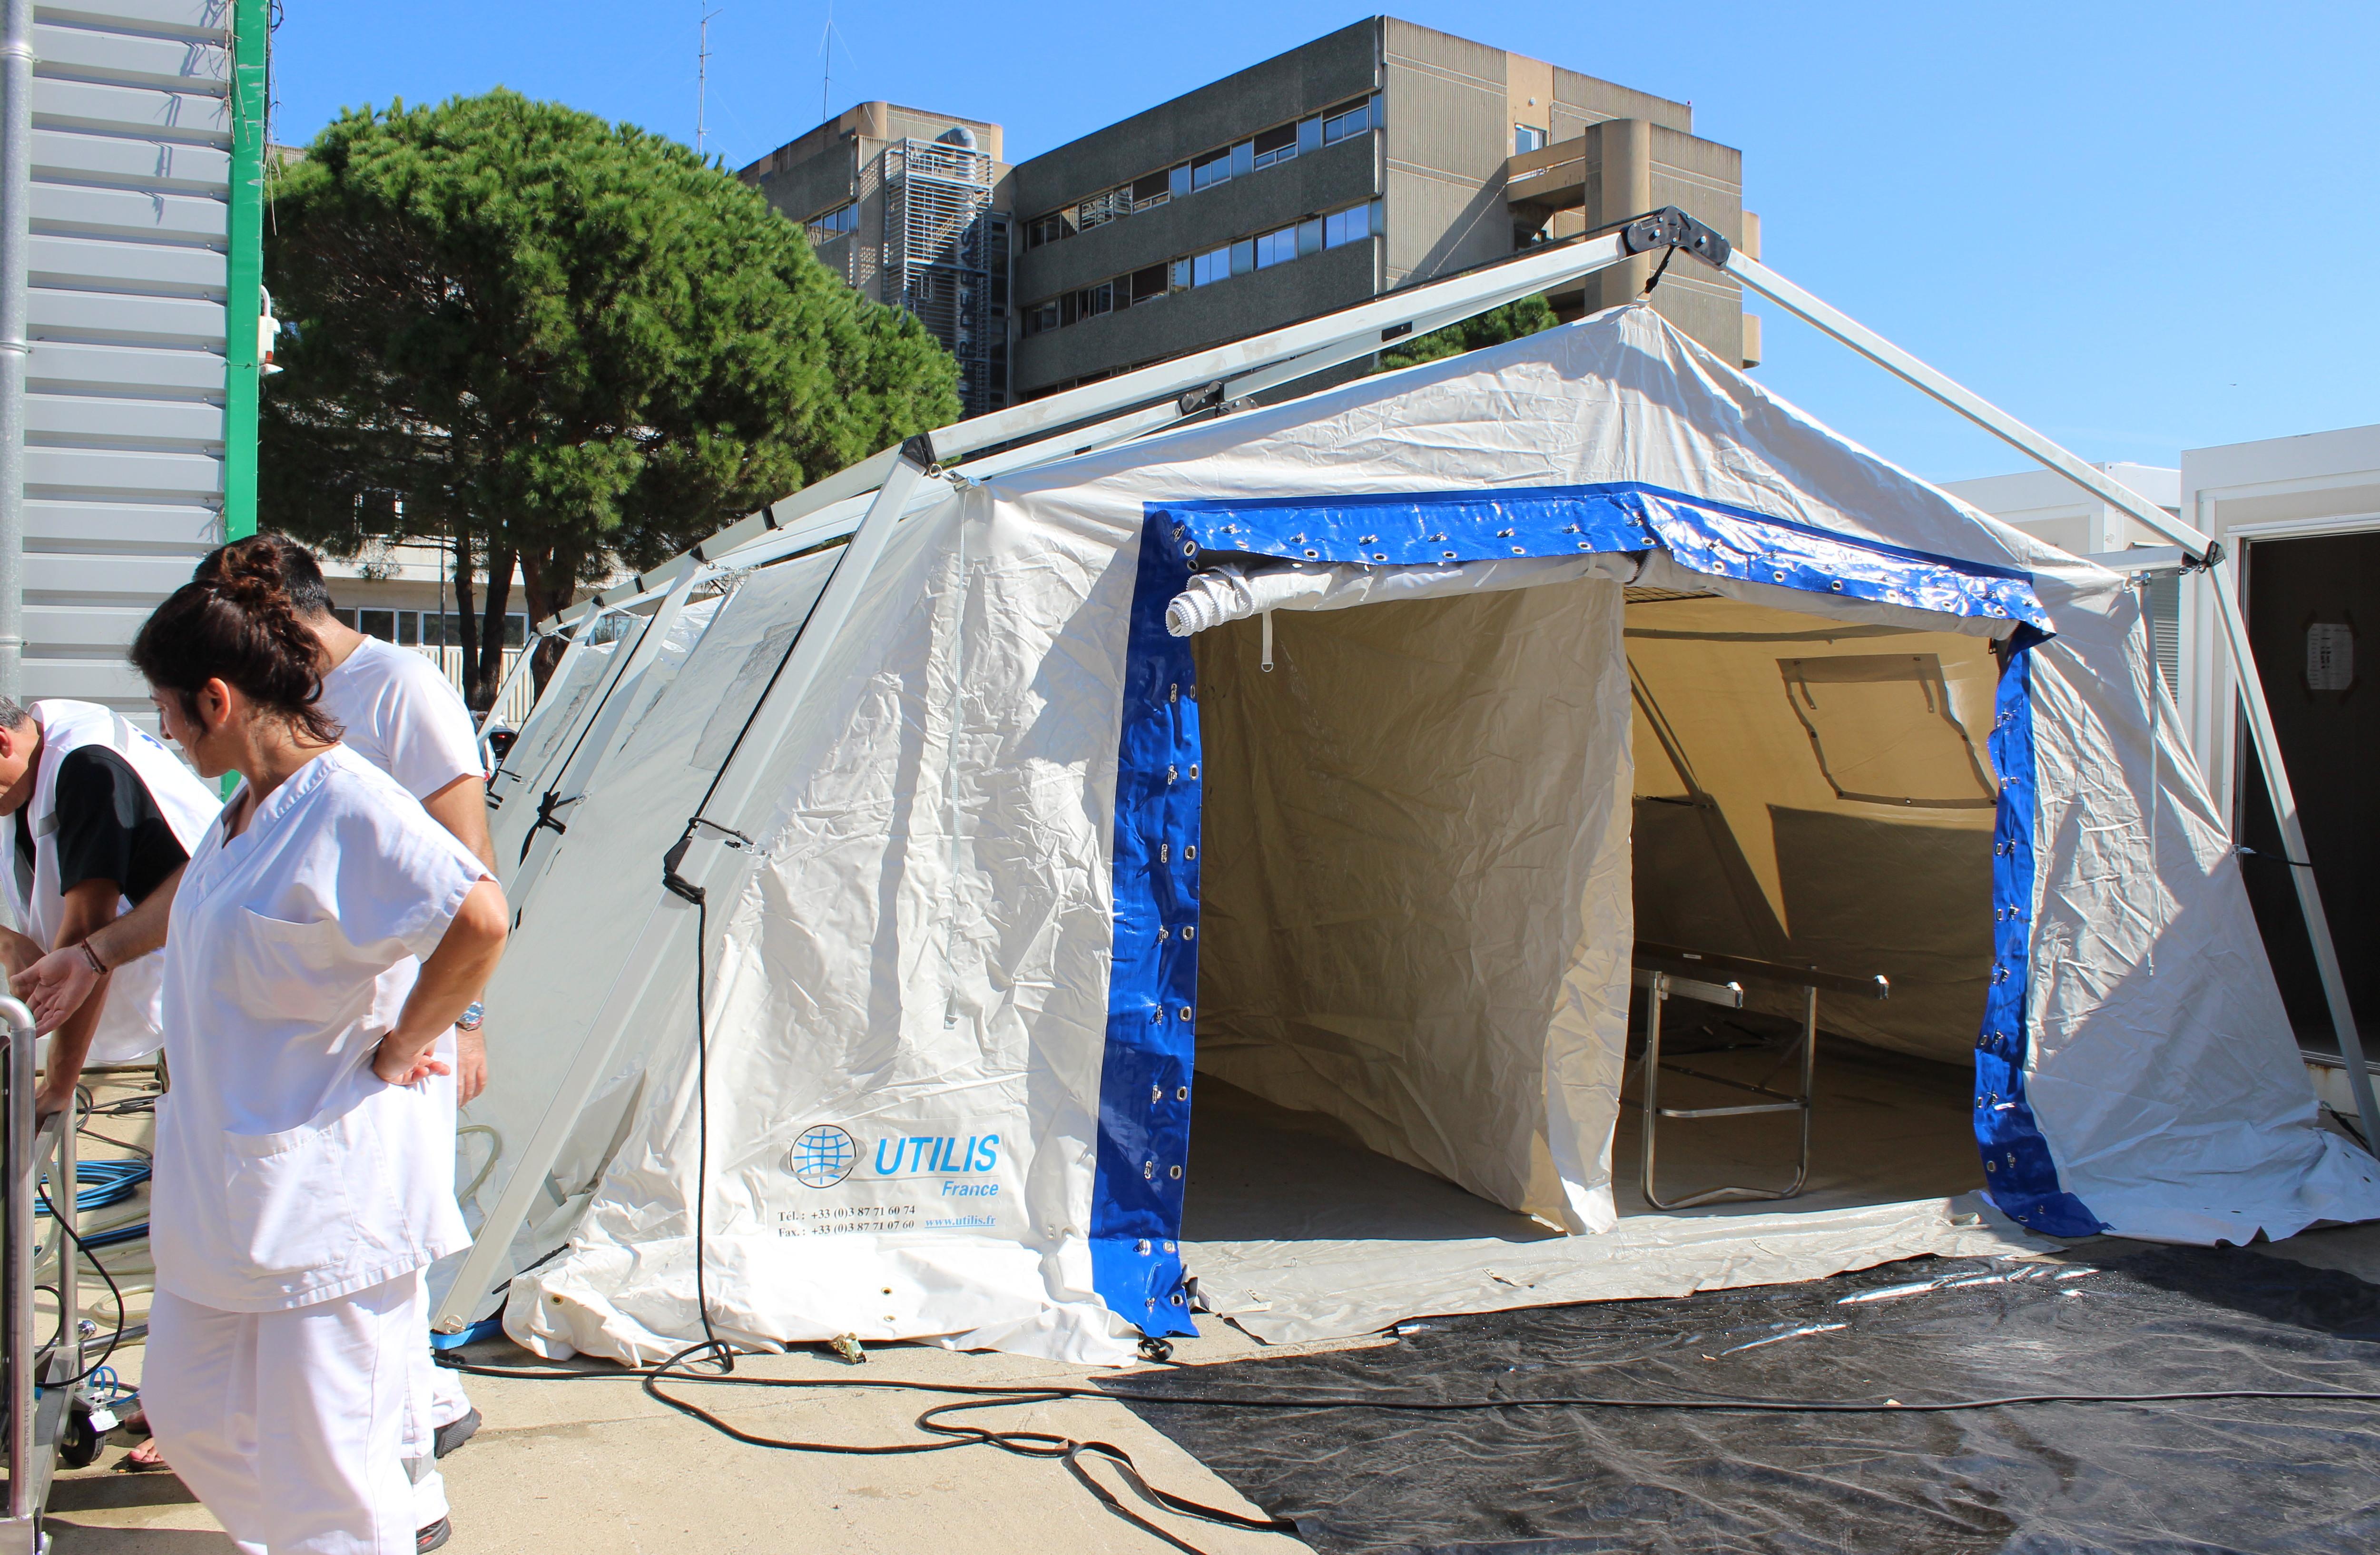 Hôpital de Bastia : Exercice préparatoire à l'utilisation du matériel de secours dans le cadre de situations exceptionnelles